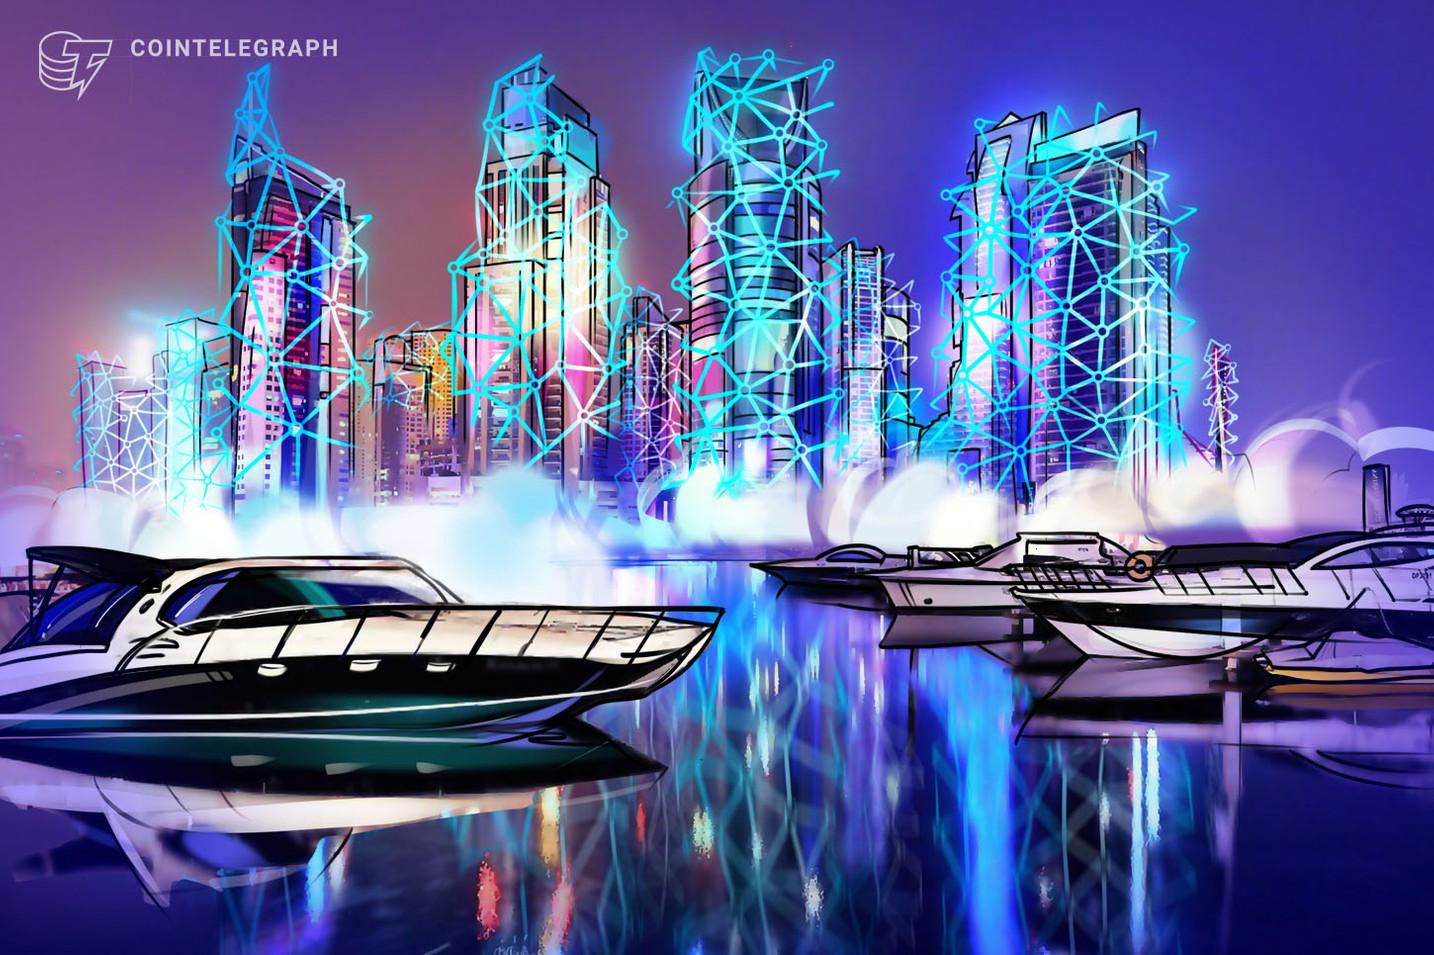 Emirados Árabes Unidos realizam conferência de aviação blockchain em Abu Dhabi